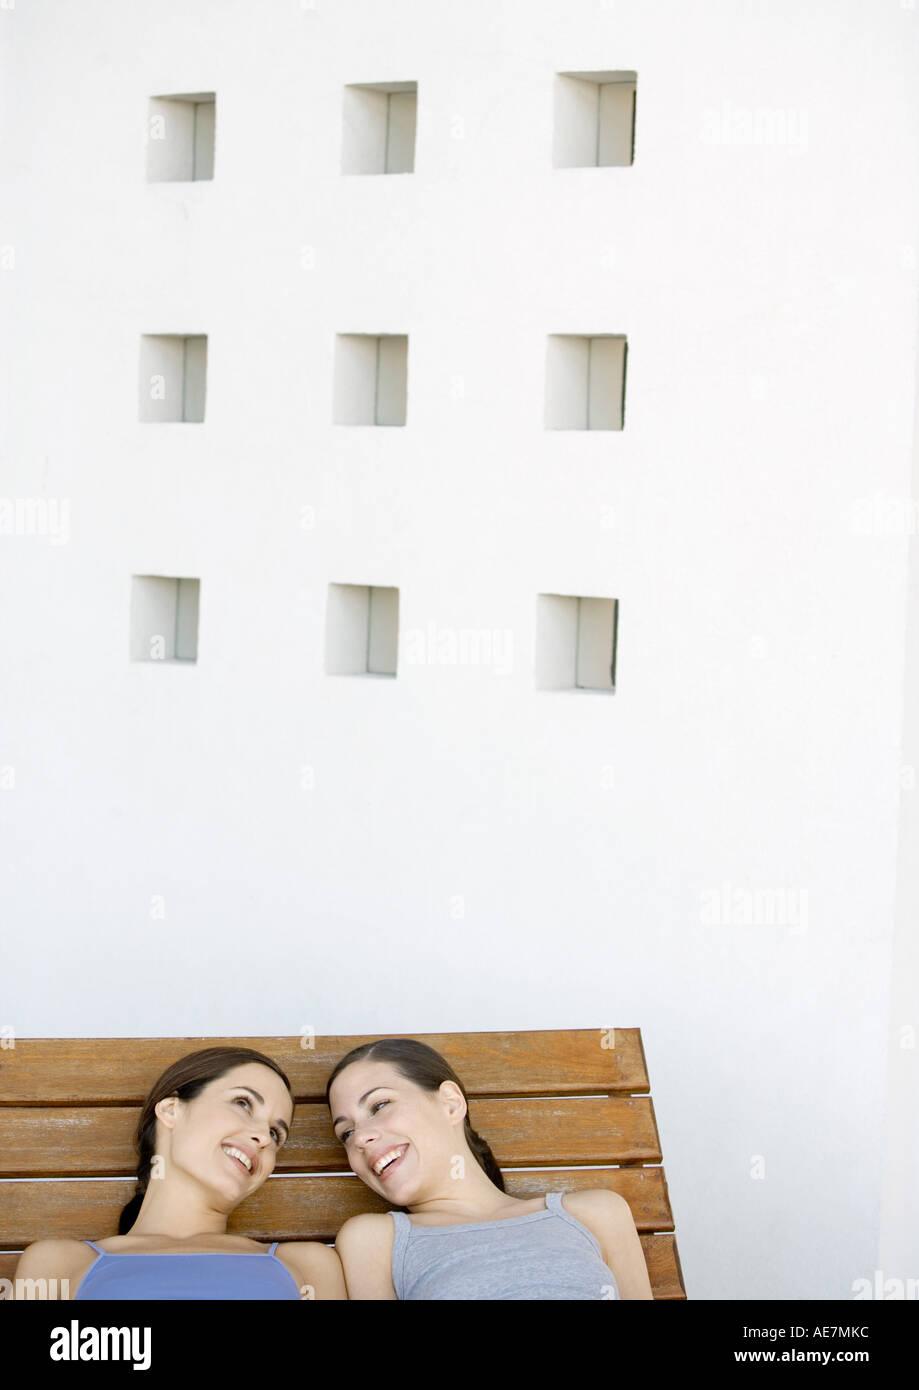 Dos mujeres jóvenes reclinables y hablando al lado Imagen De Stock